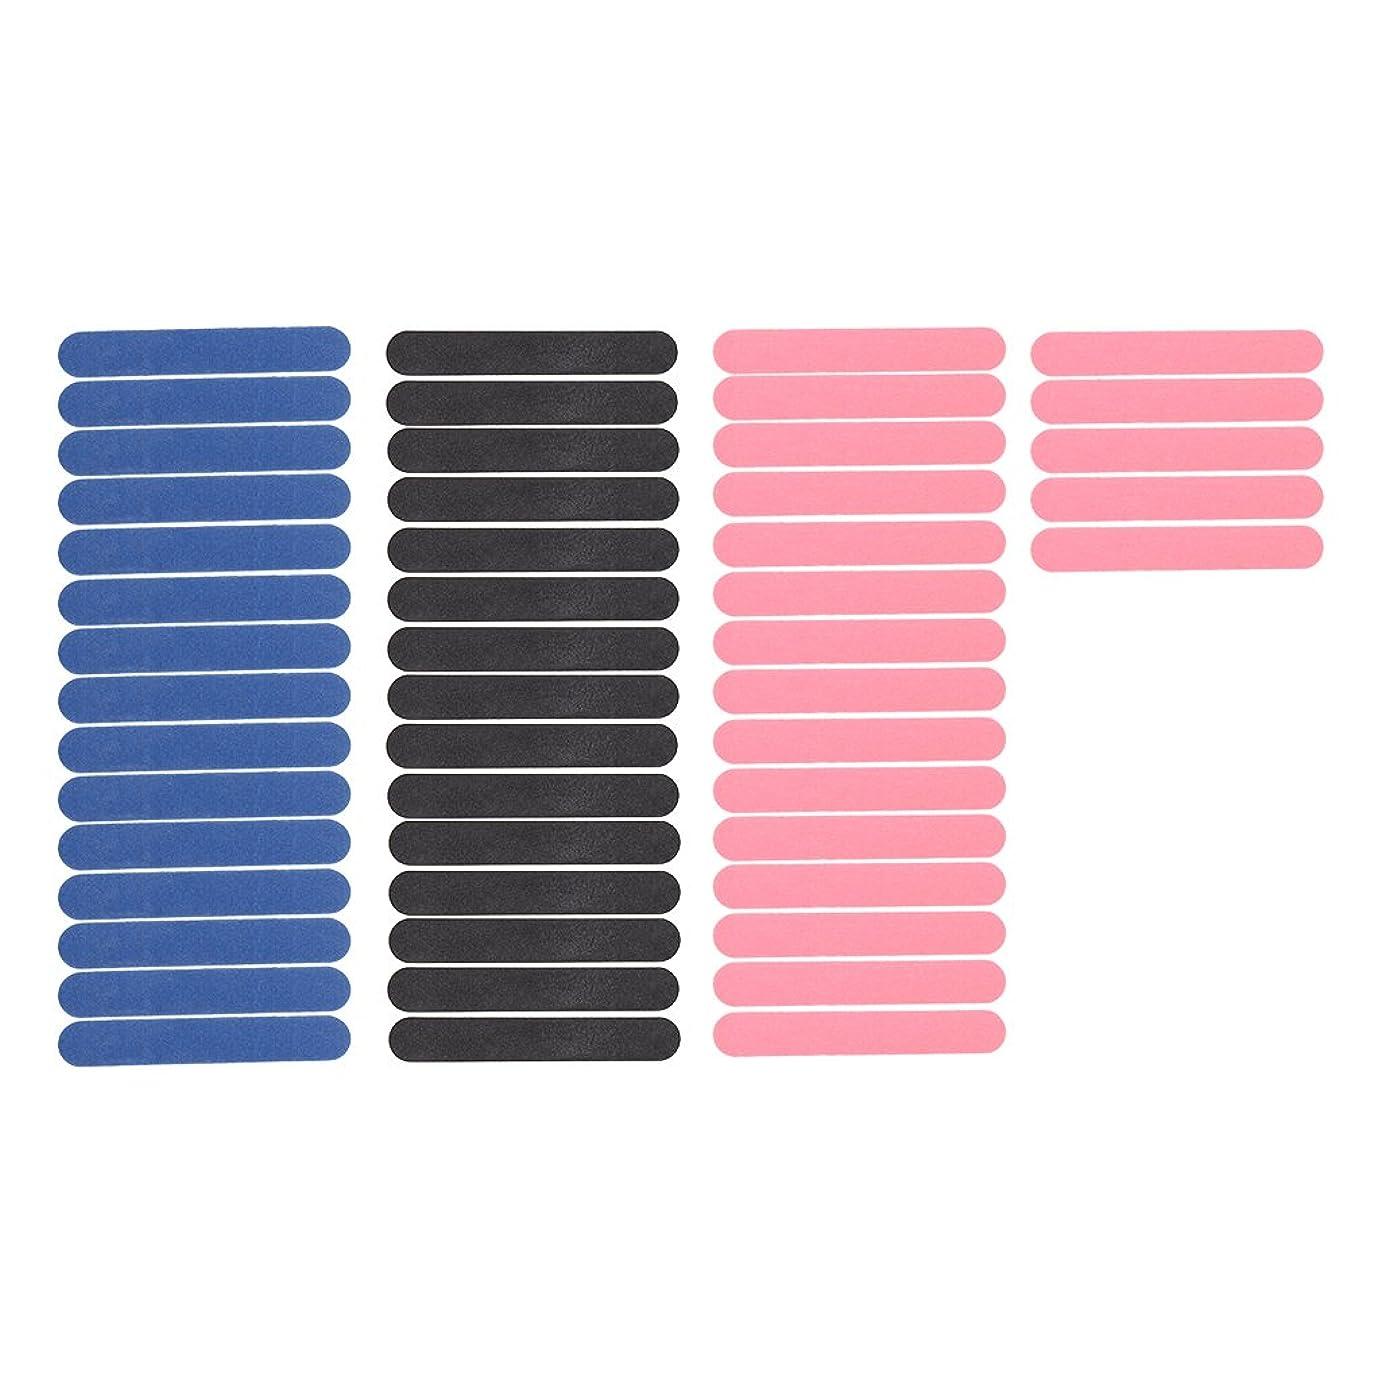 Perfeclan バッファーグリット サンディング ミニ ネイルファイル マニキュアツールキット 両面 50個セット